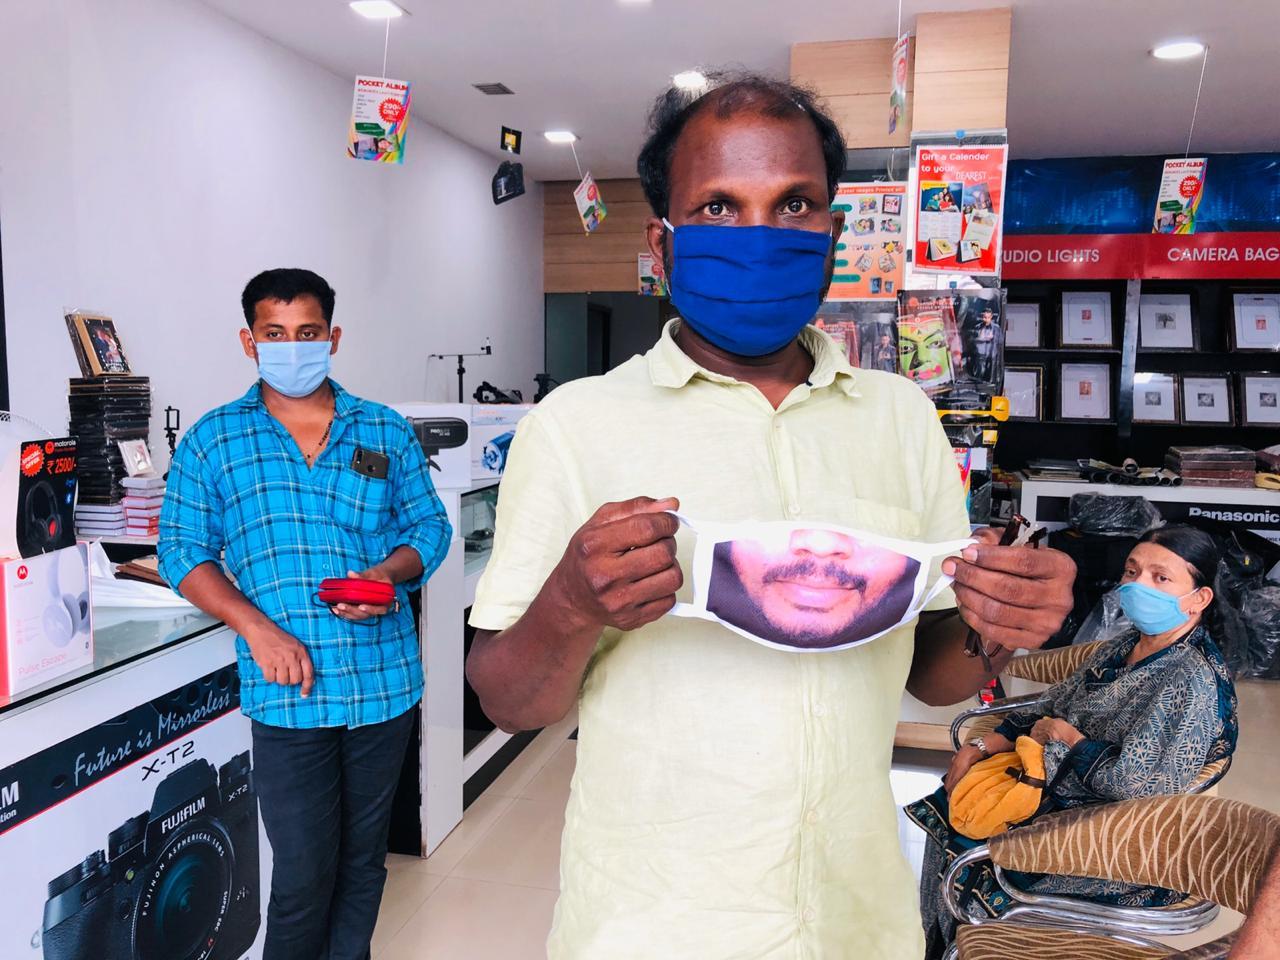 मास्कमागे आपला चेहरा लपला जात असल्याची खंत प्रत्येकालाच आहे. मात्र आता या मास्कमागे तुमचा चेहरा लपणार नाही. (फोटो - जी.श्रीजीथ, न्यूज 18 केरळ)